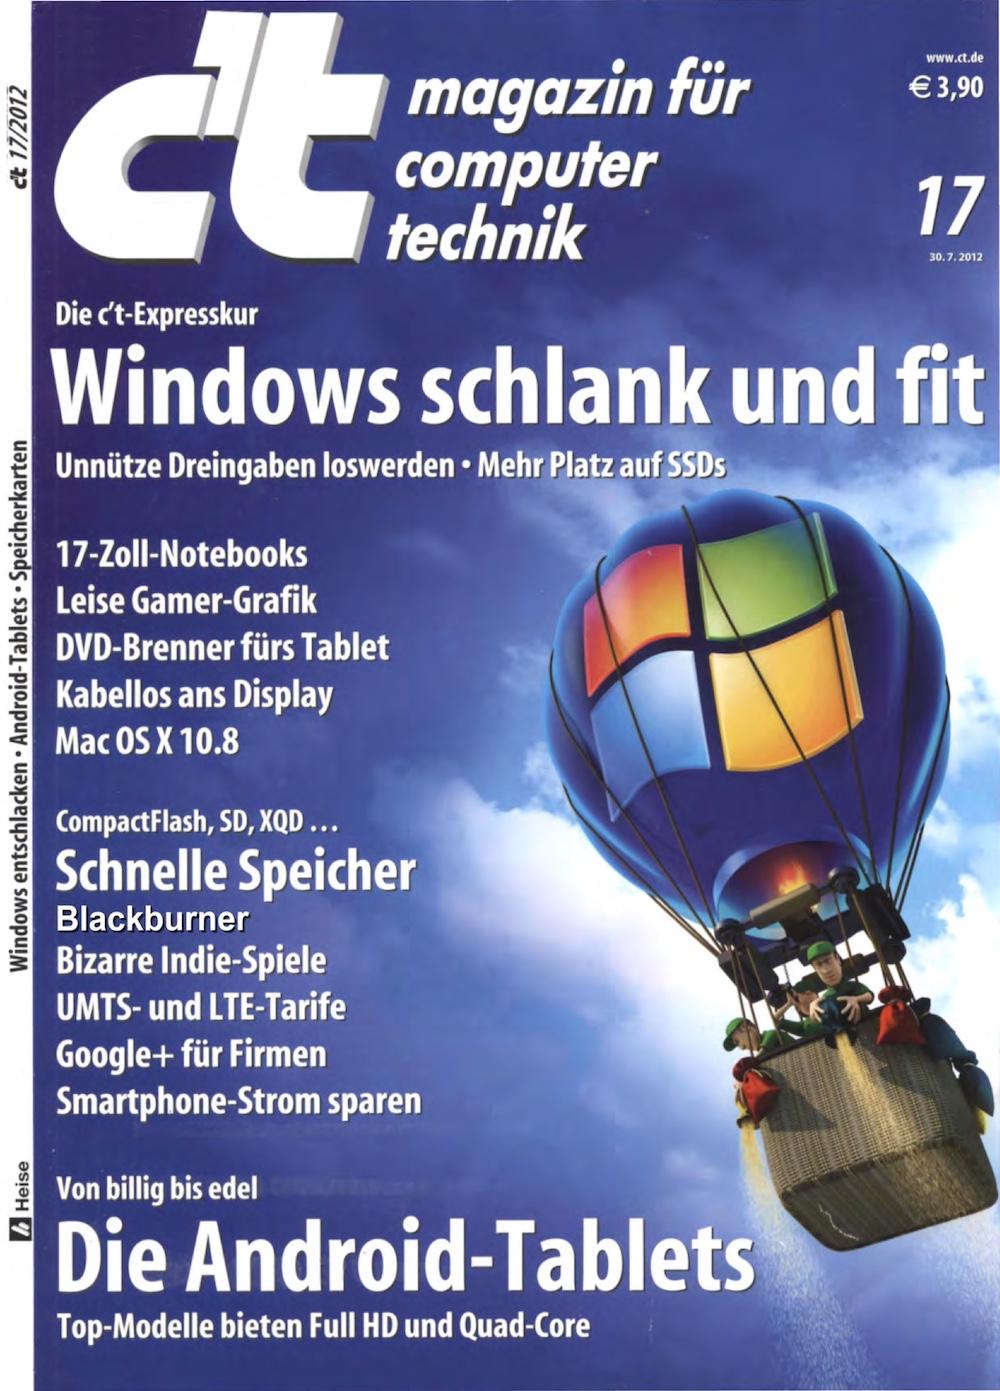 c't Magazin 2012-17